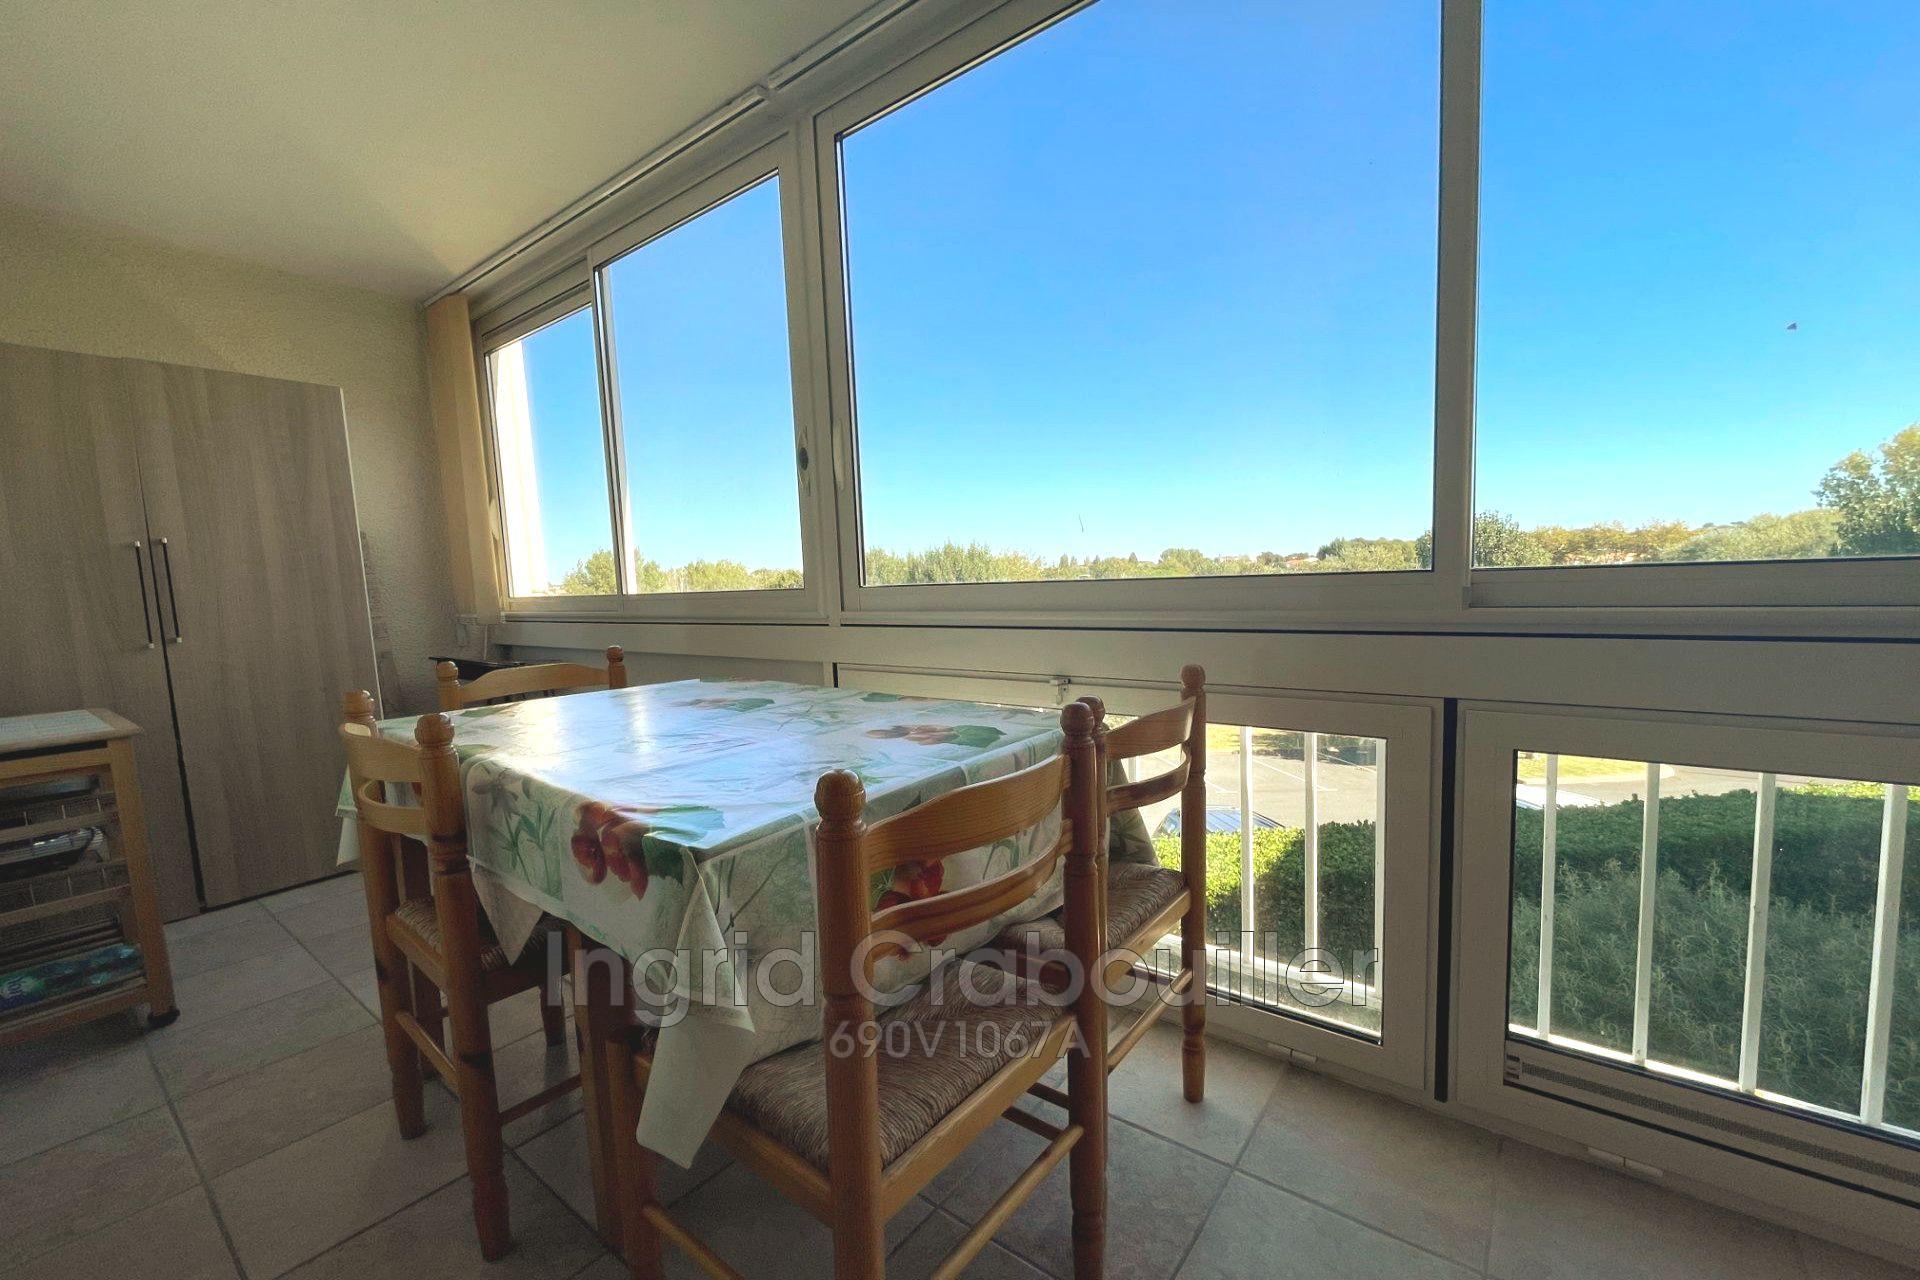 Vente appartement Vaux-sur-Mer - réf. 690V1067A